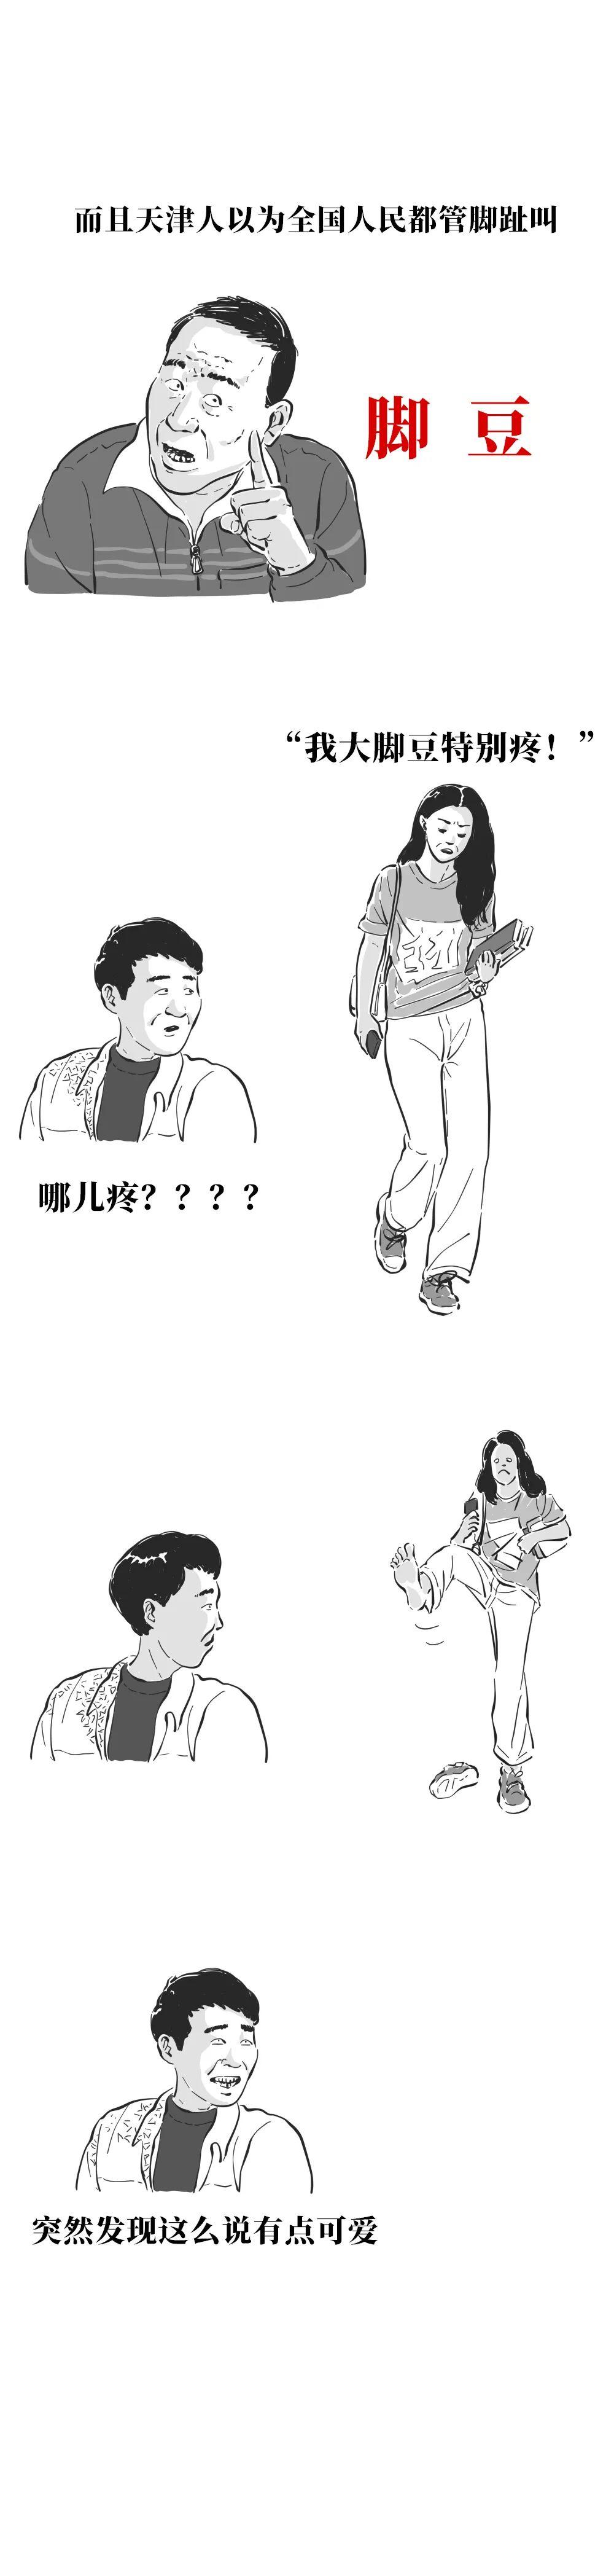 你因为方言闹过哪些笑话??  志华读书  第9张